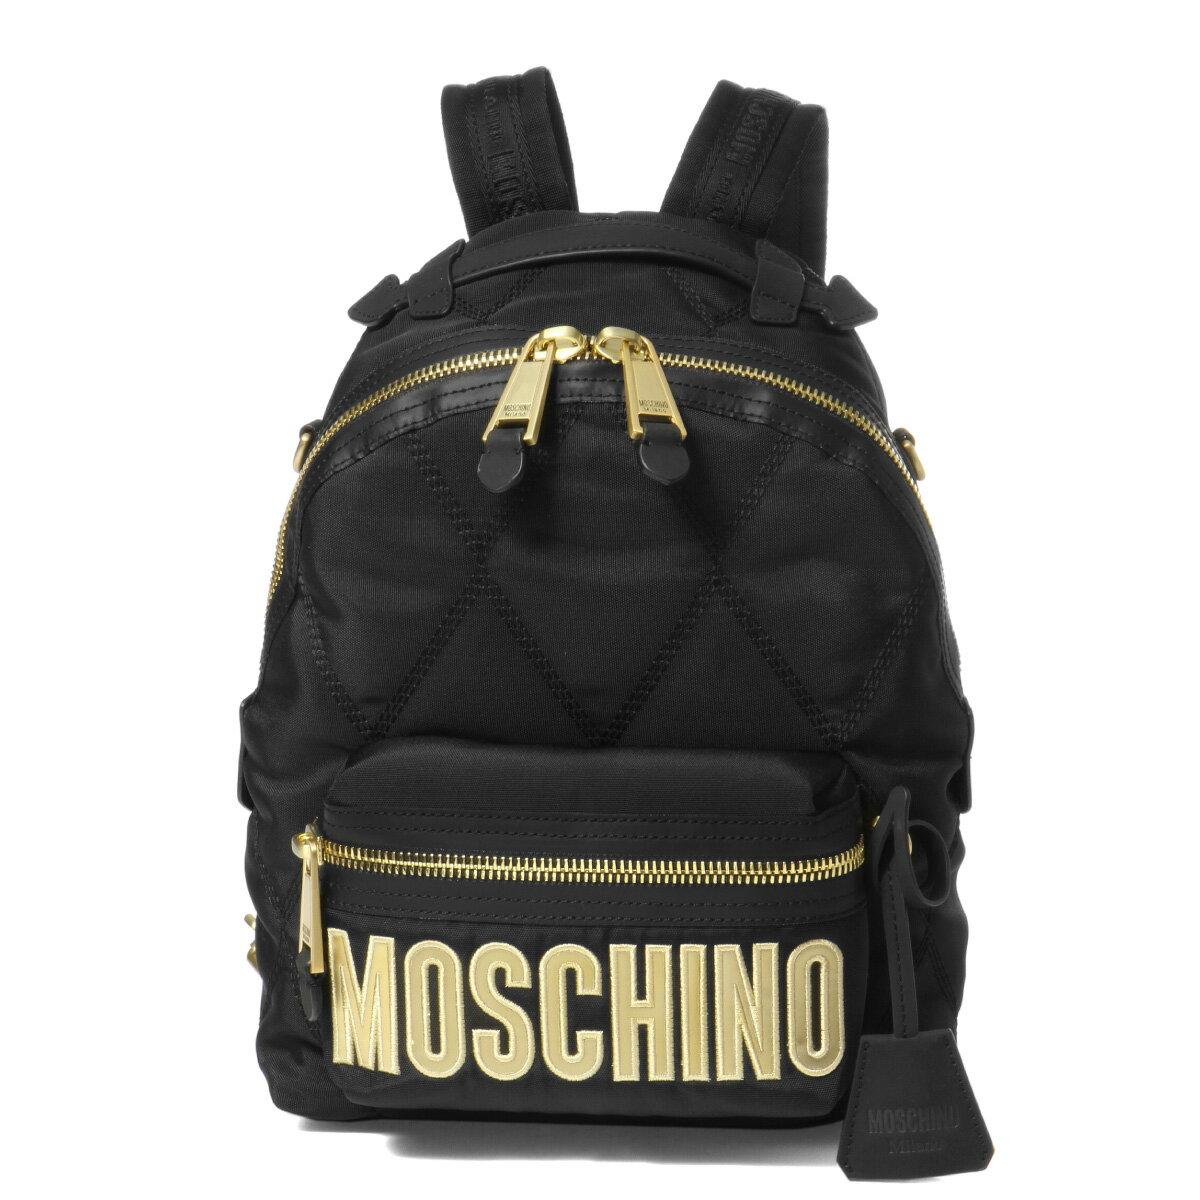 レディースバッグ, バックパック・リュック  MOSCHINO 7604 8205 1555 BLACK